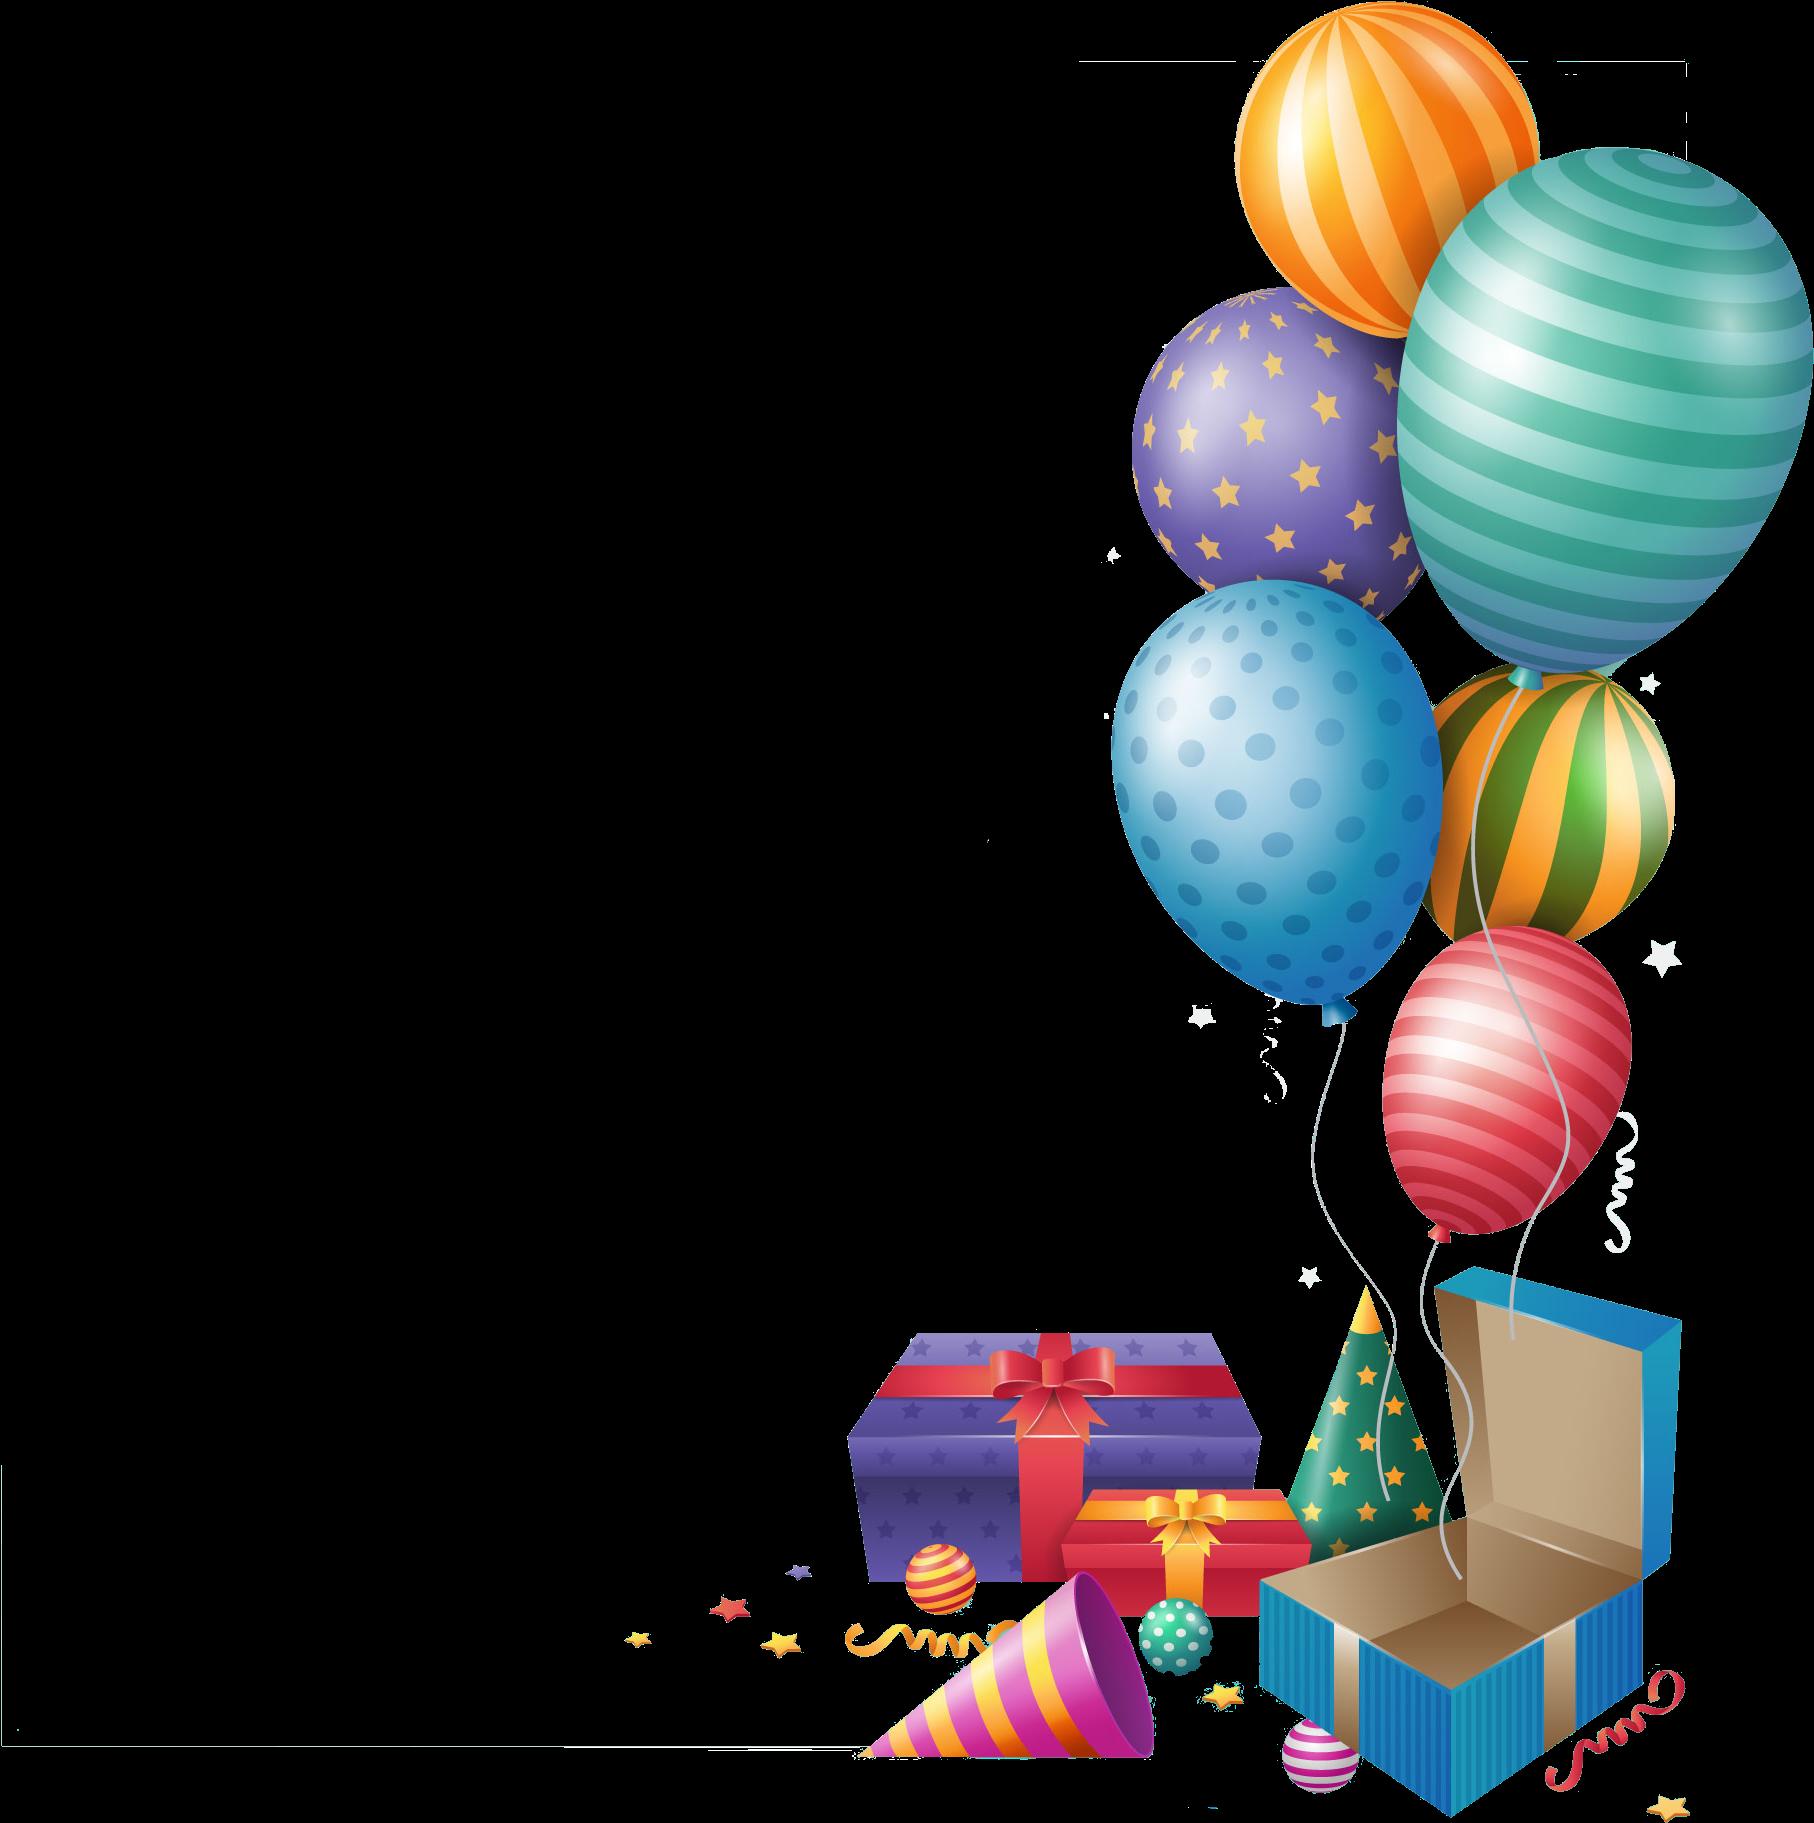 Открытка без фона с днем рождения, надписями при